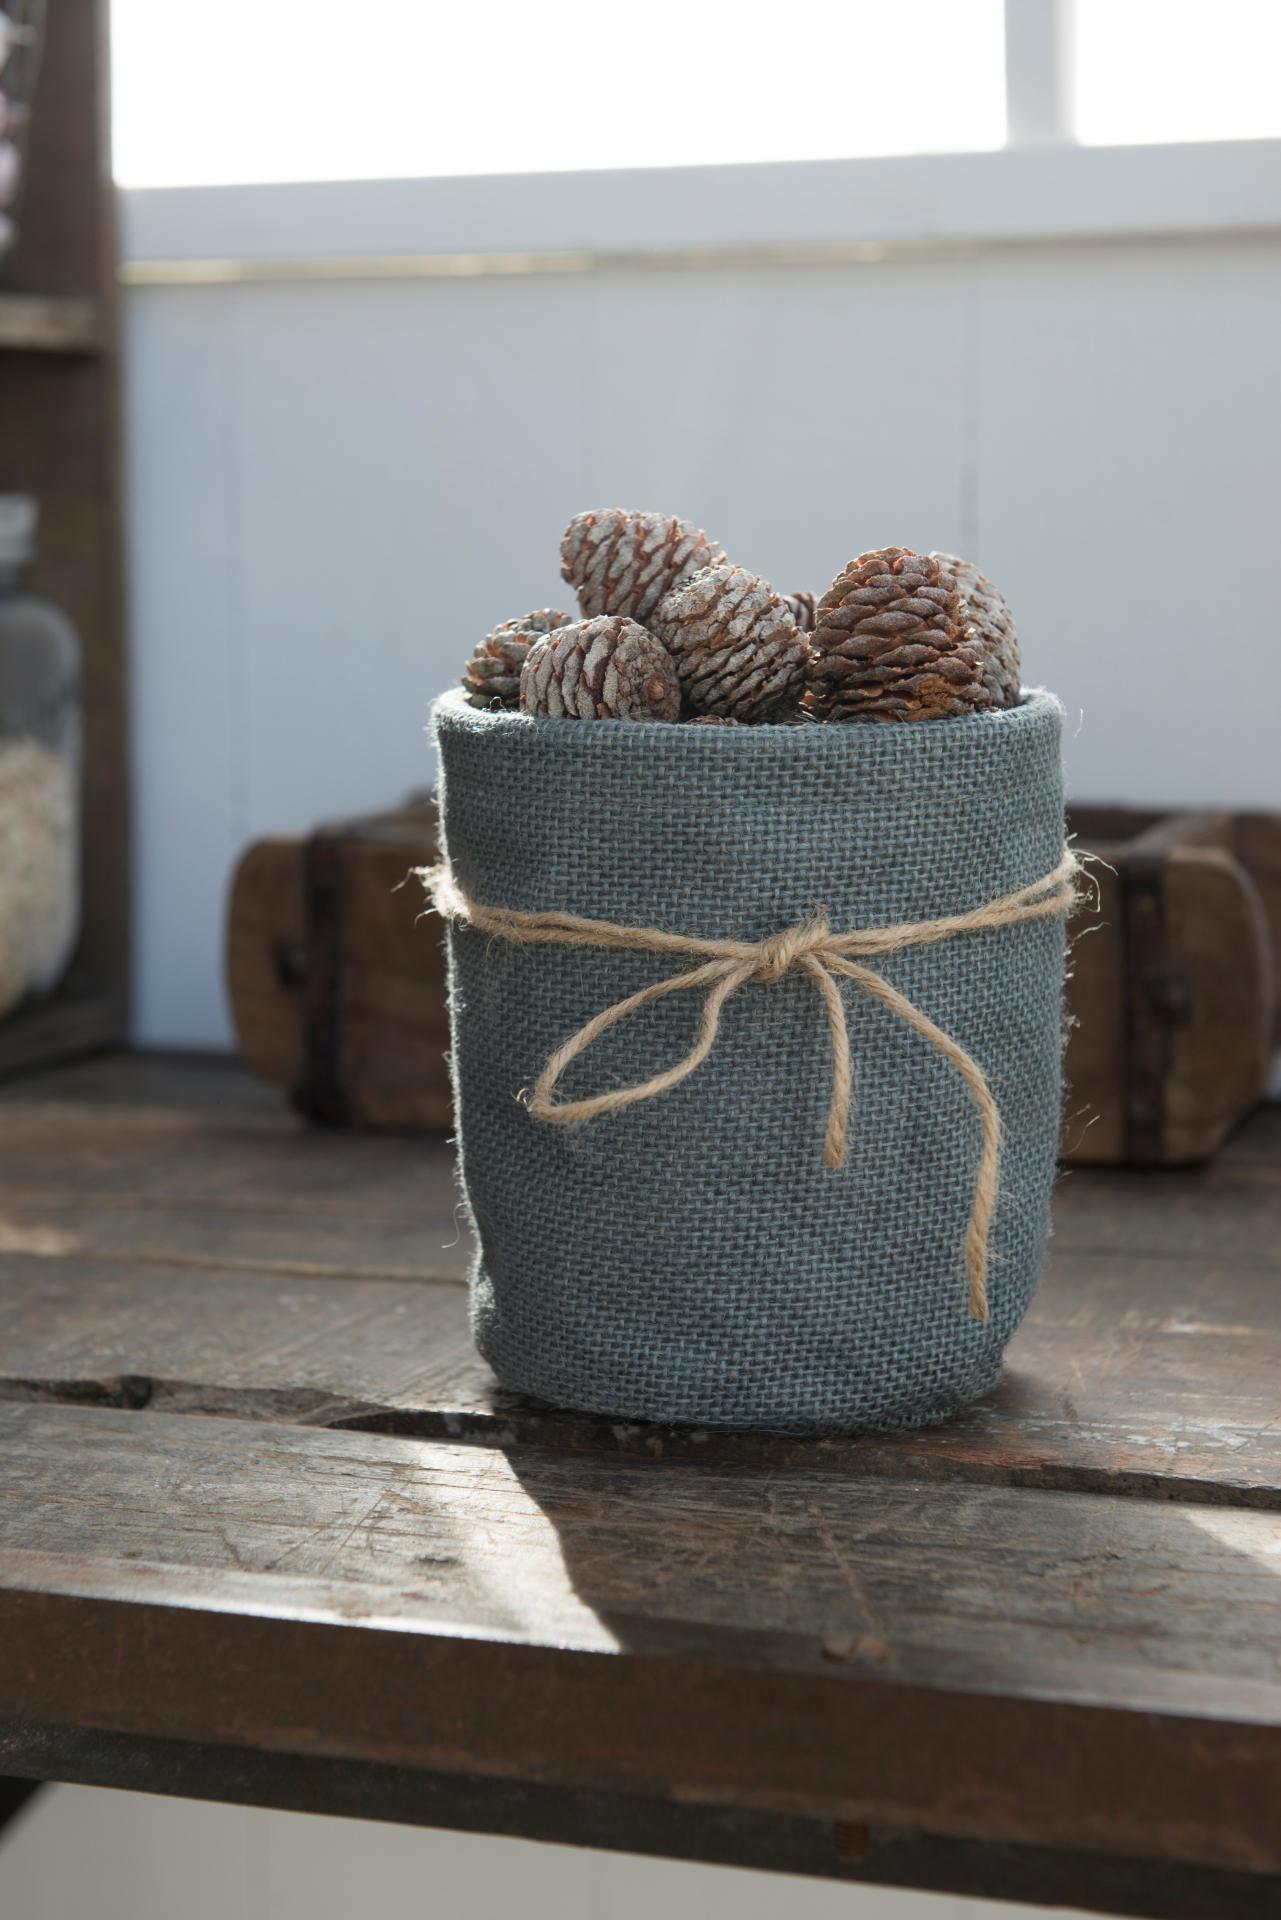 IB LAURSEN Jutový obal na květináč - šedý, šedá barva, textil 11cmx15cm